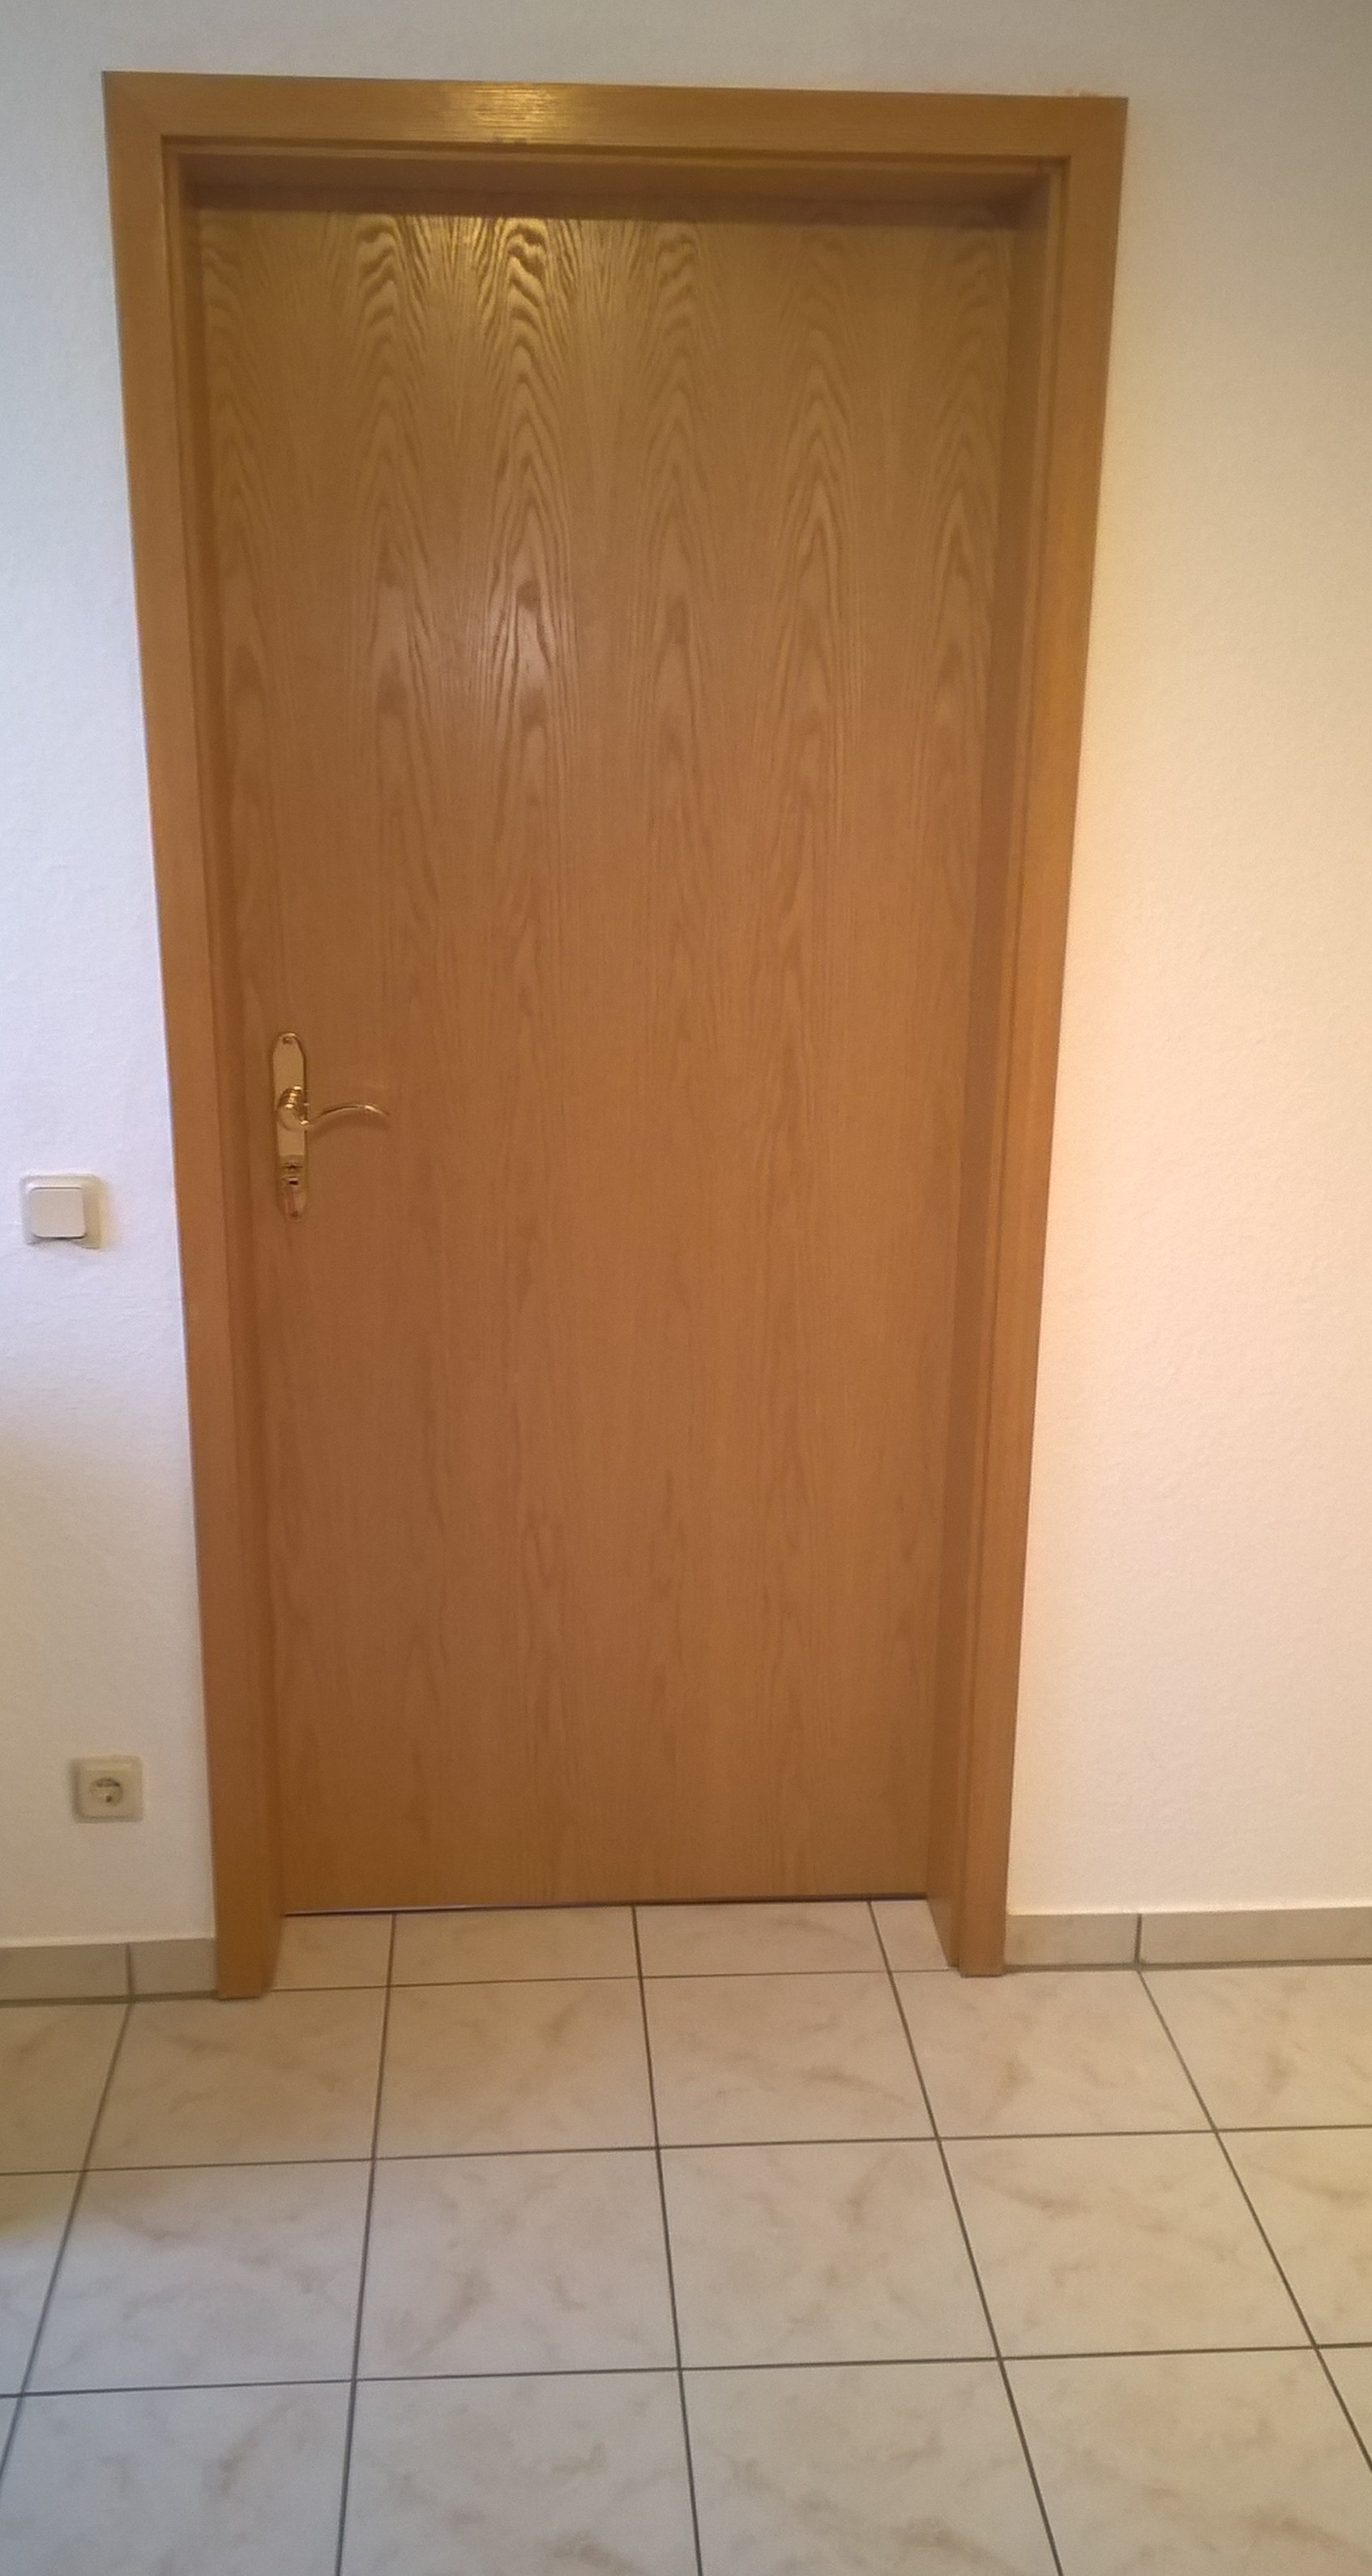 Welche Möbelfarben passen zu diesen Türen? (Wohnung, Einrichtung ...